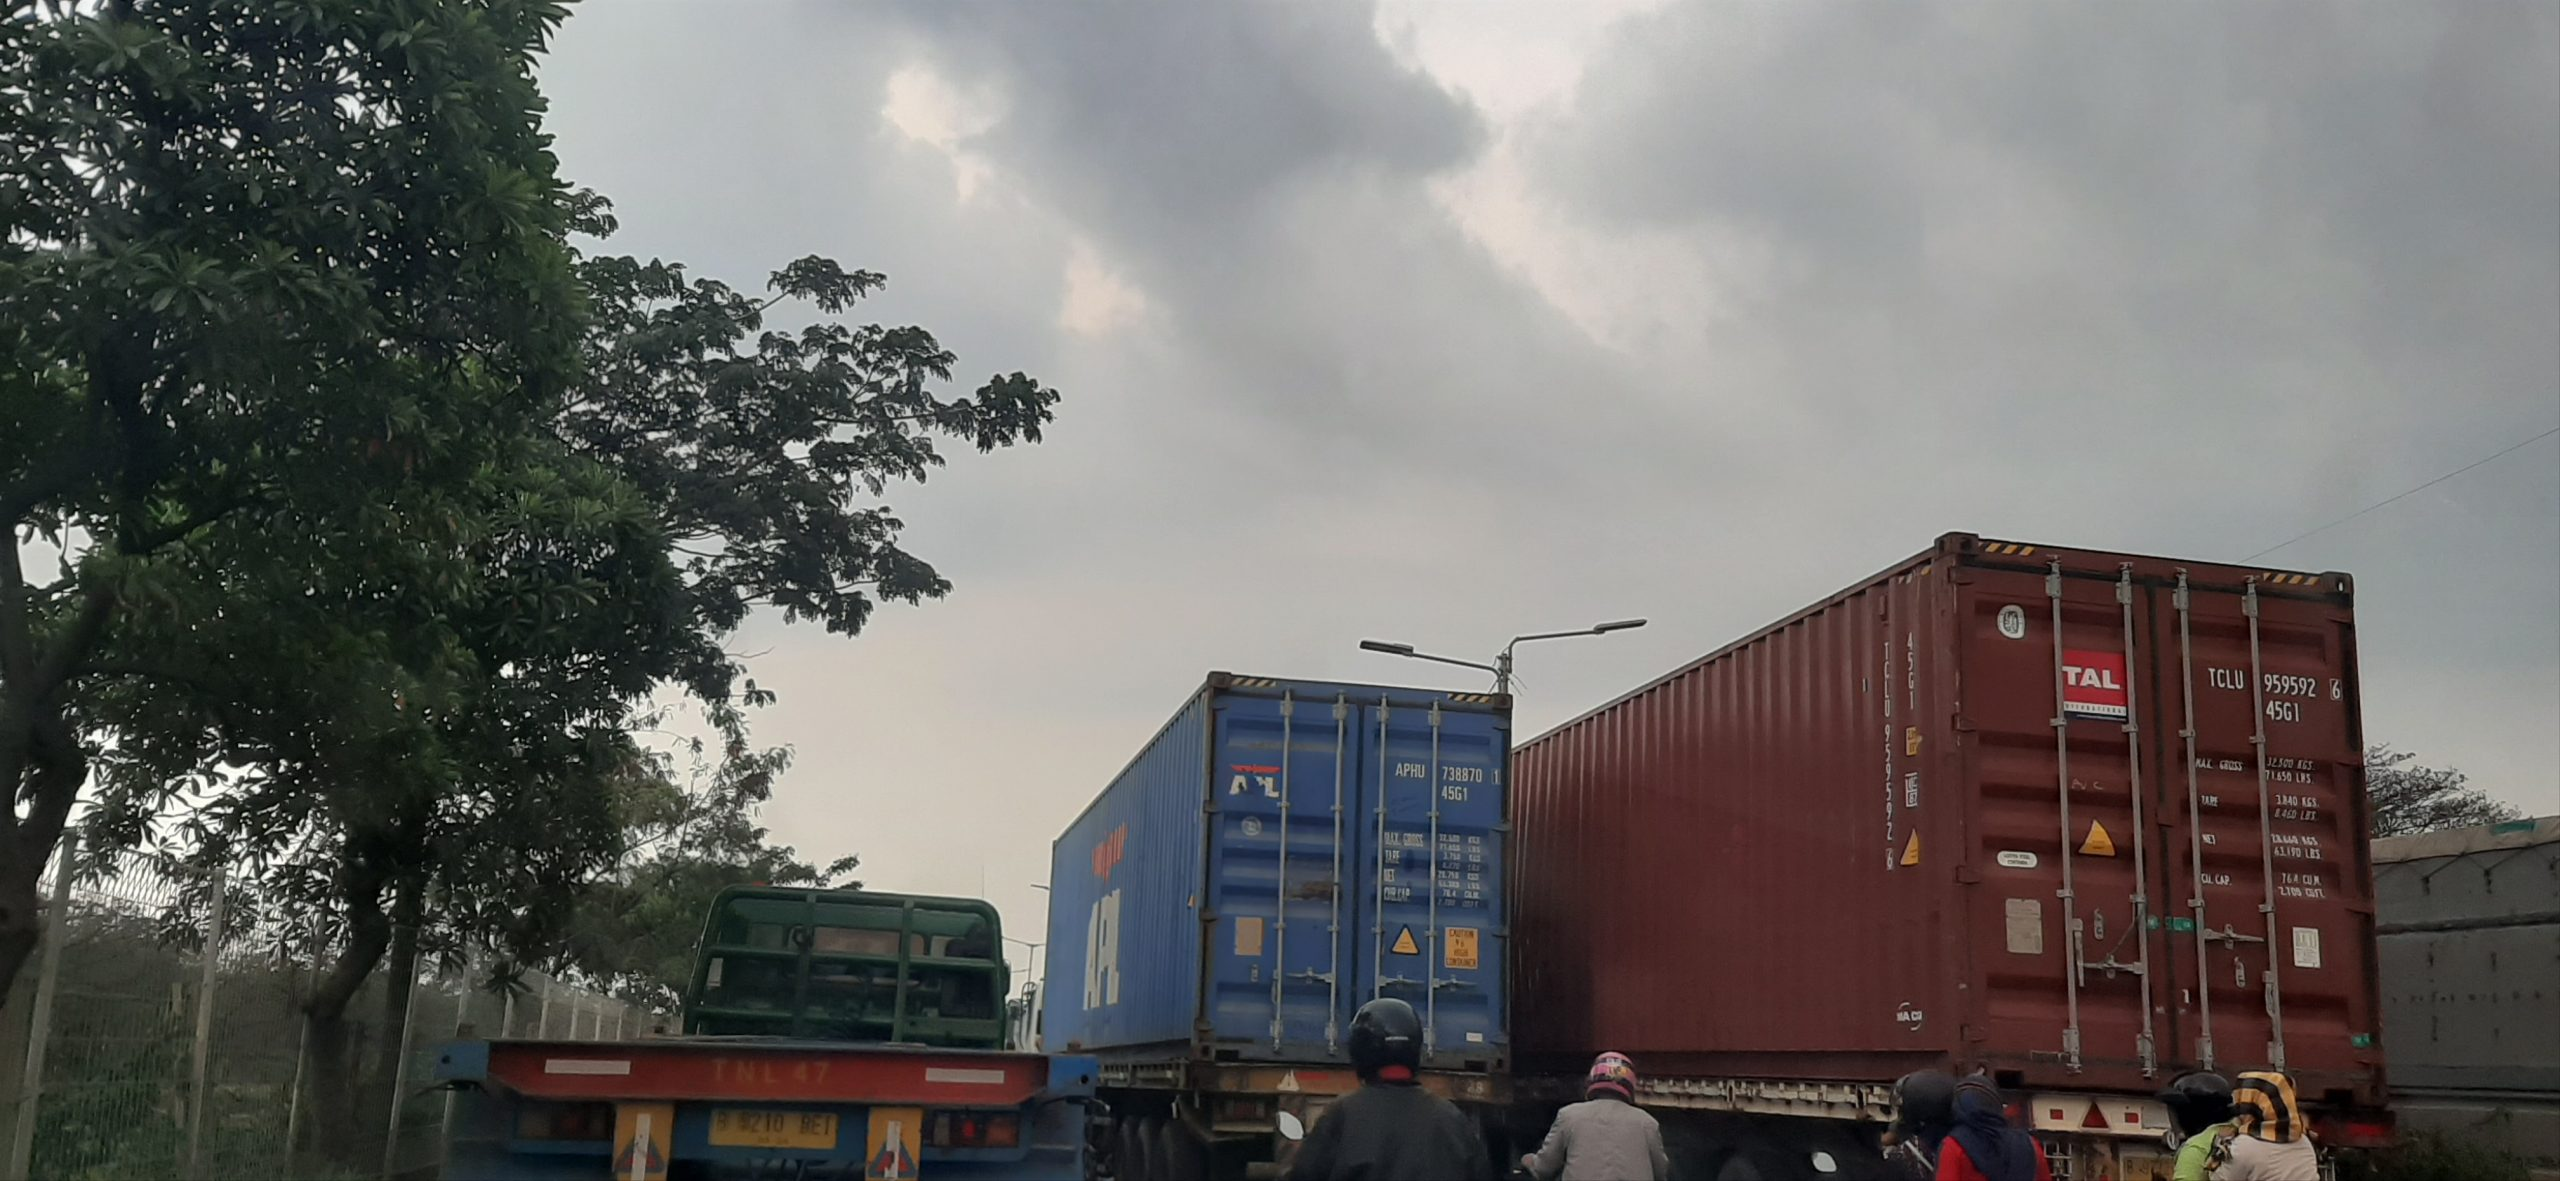 Butuh Dukungan Biaya Logistik yang Murah - Logistik News